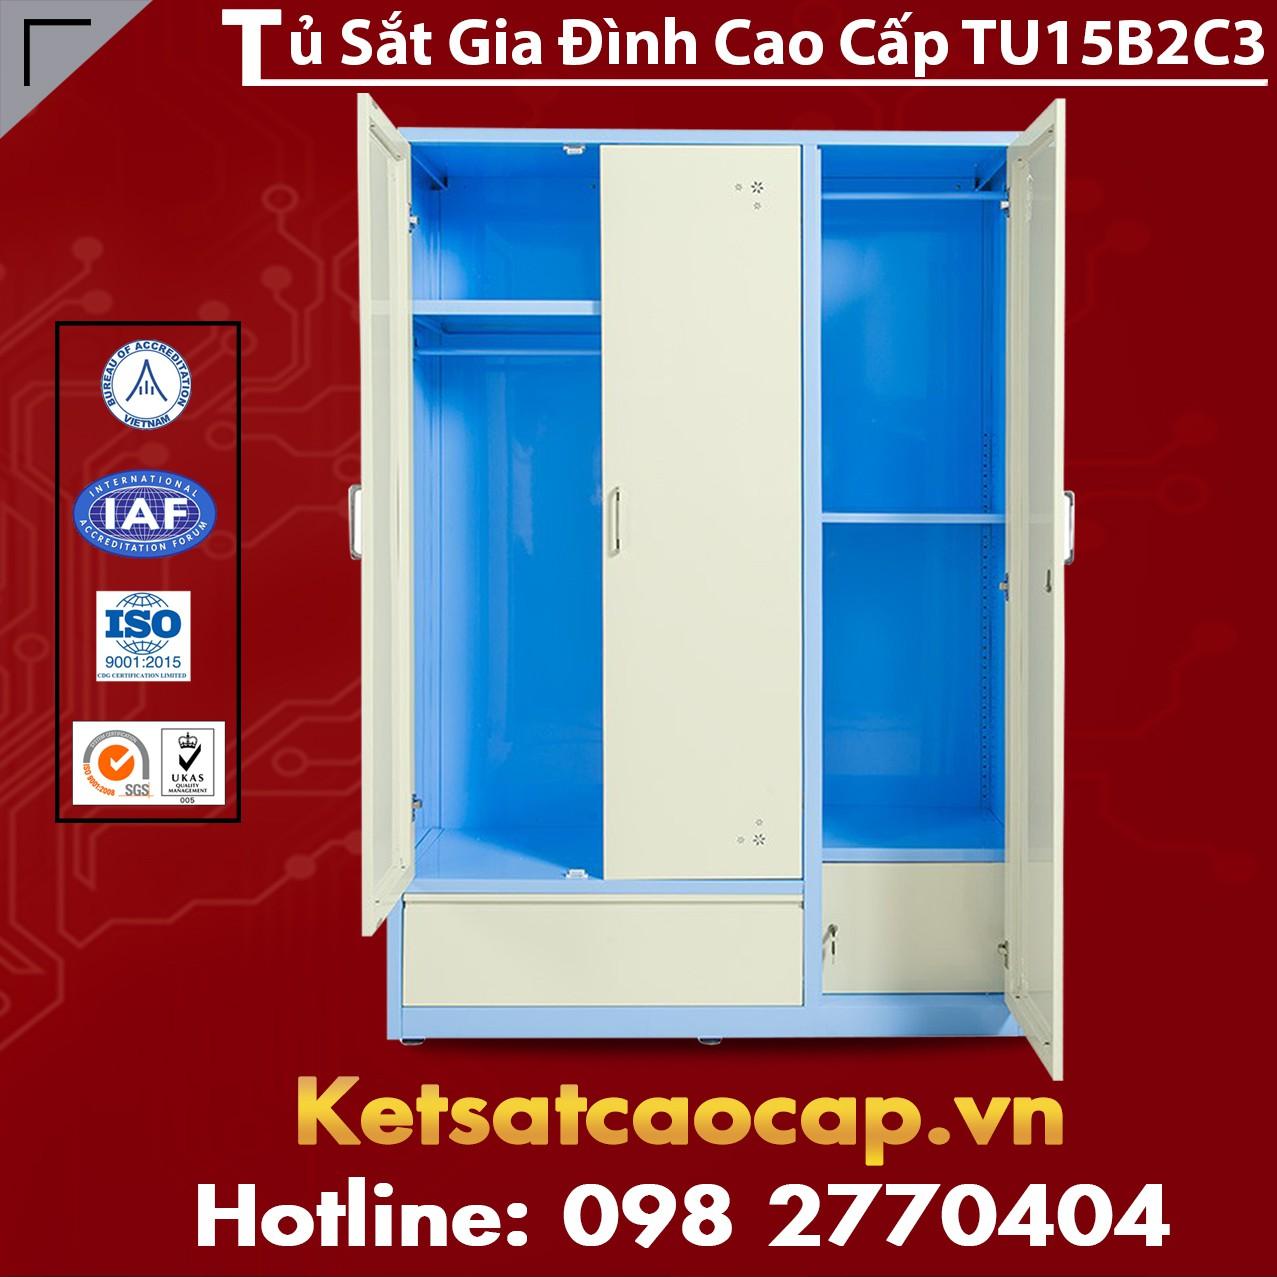 Tủ Sắt Gia Đình TU15B2C3